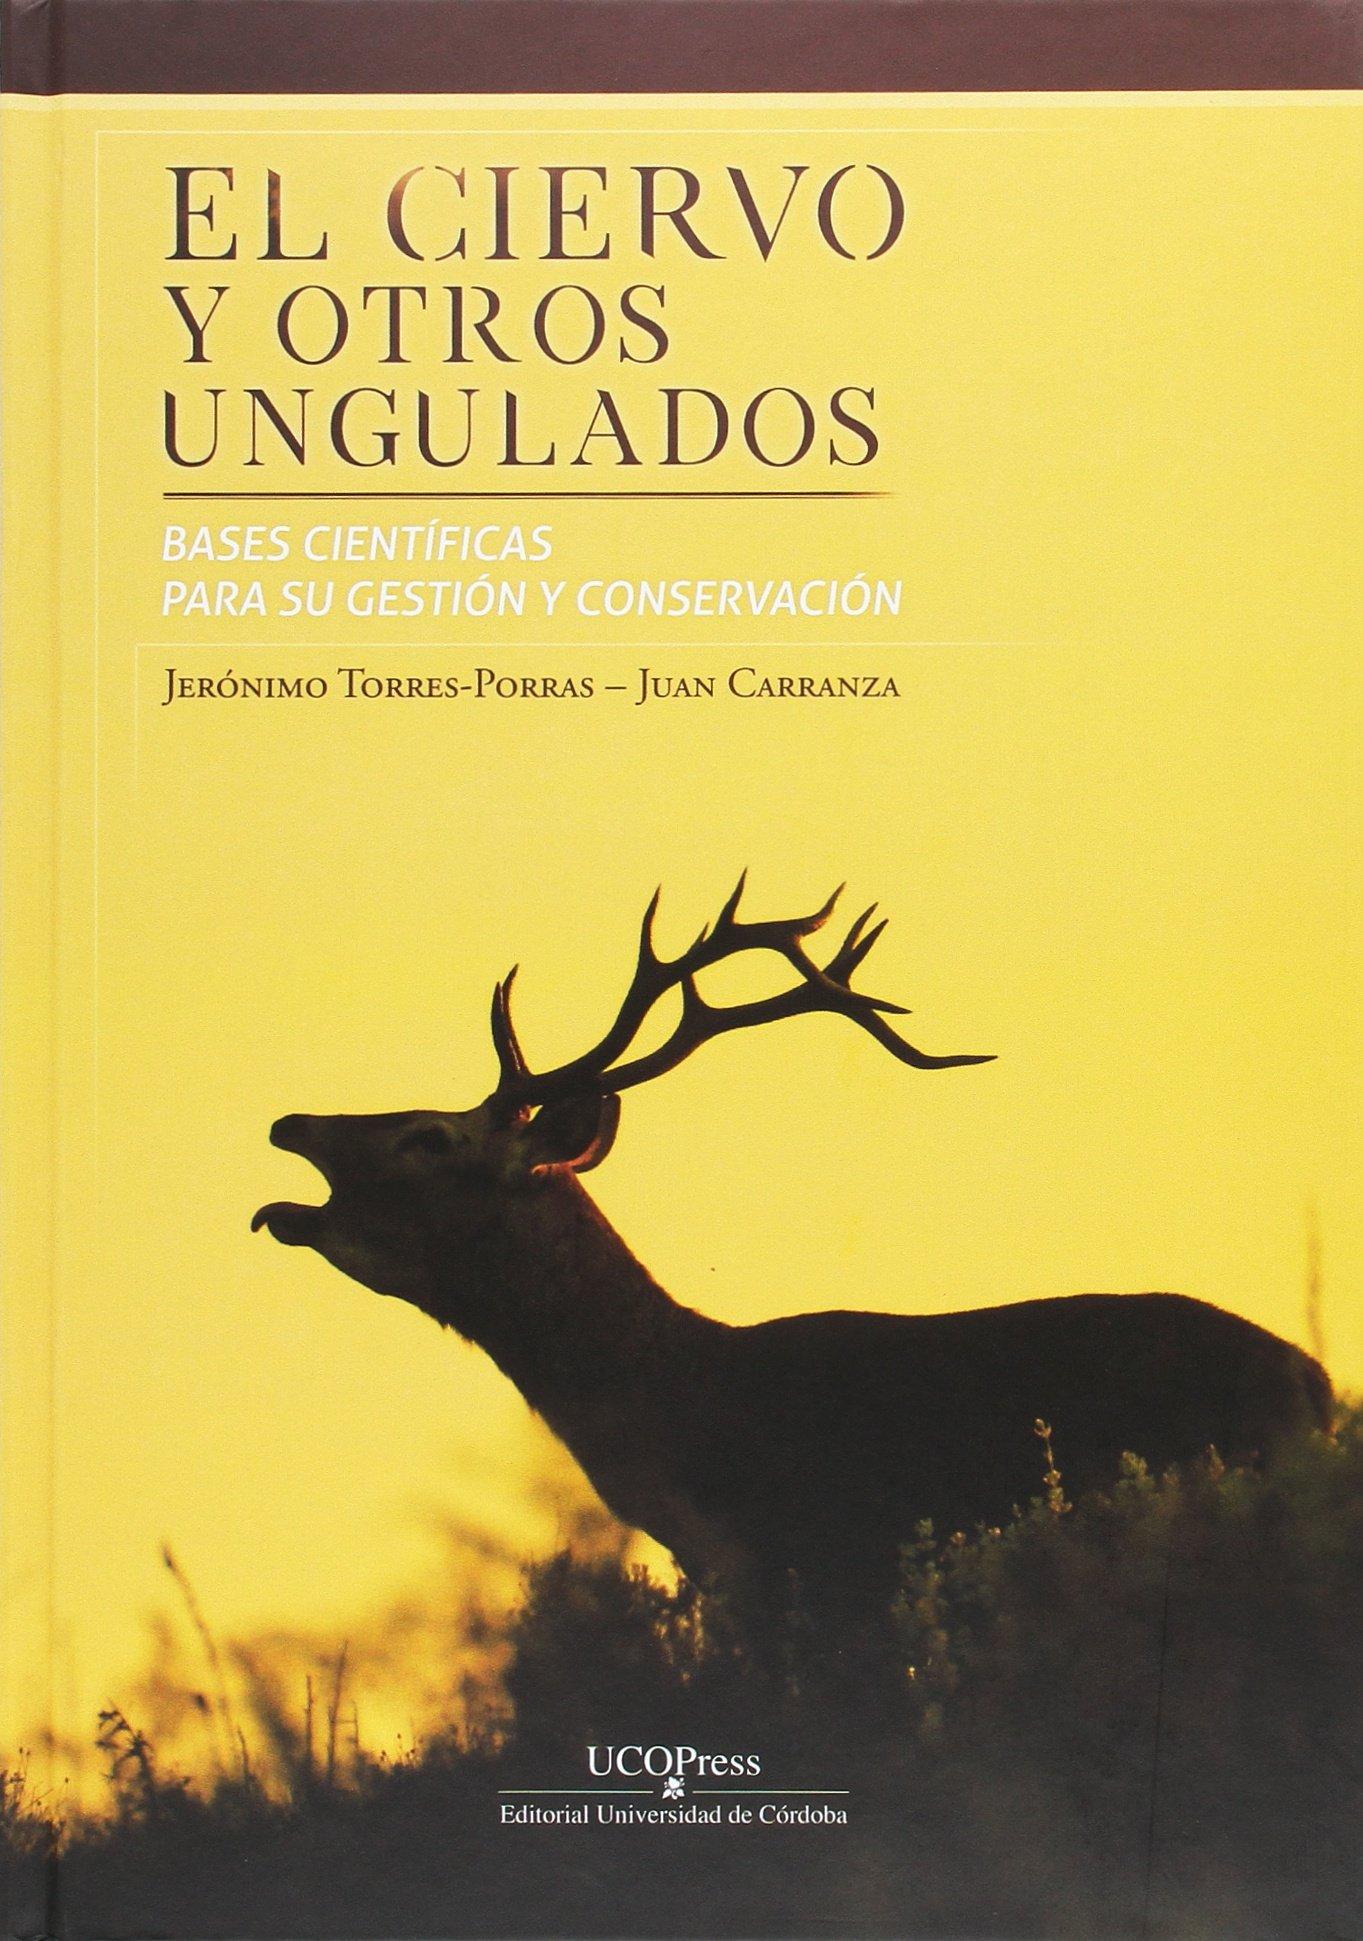 EL CIERVO Y OTROS UNGULADO: Amazon.es: Jerónimo Torres Porras, Juan ...